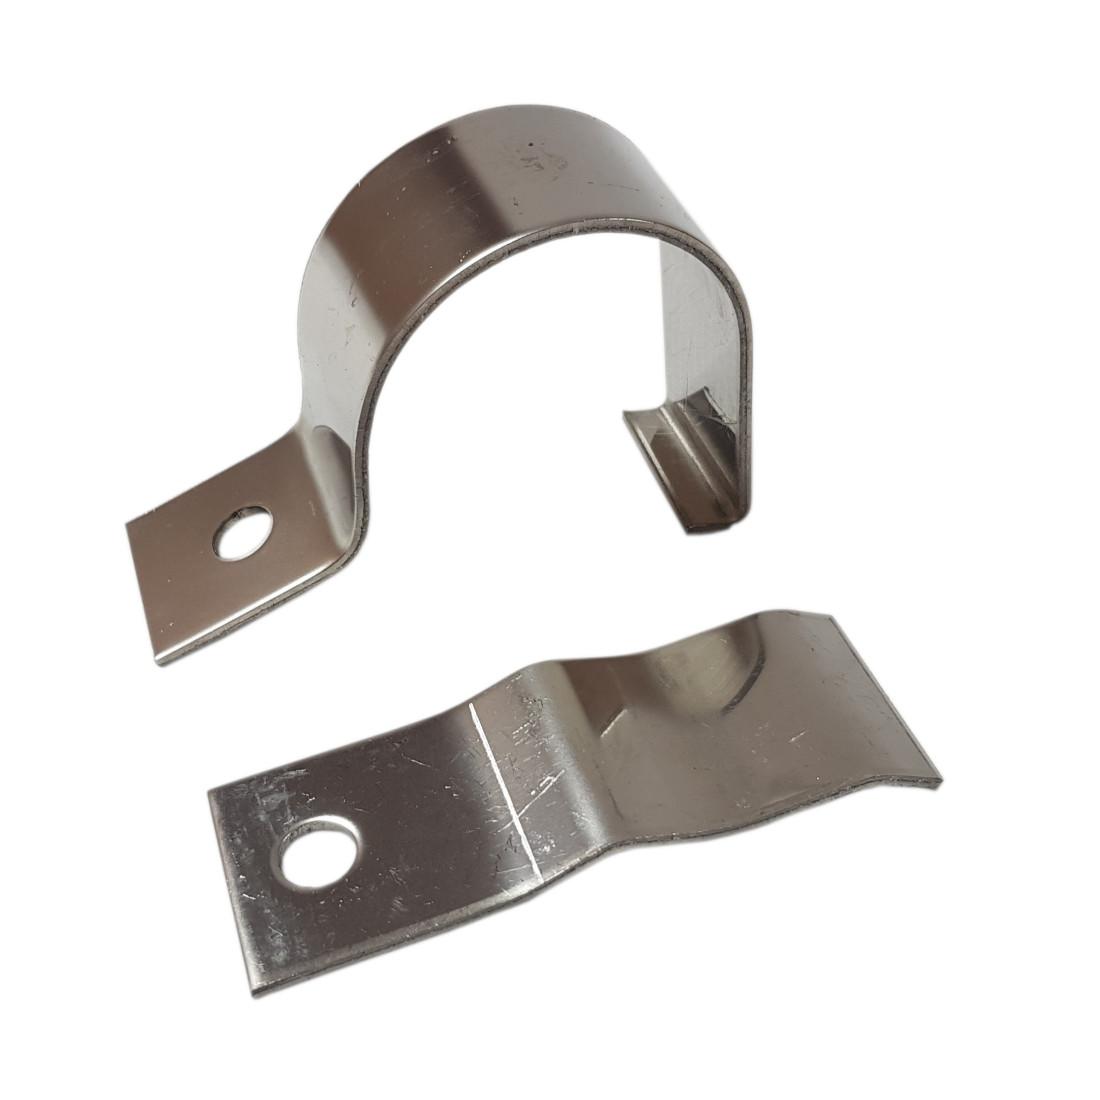 Stainless halogen holder bracket